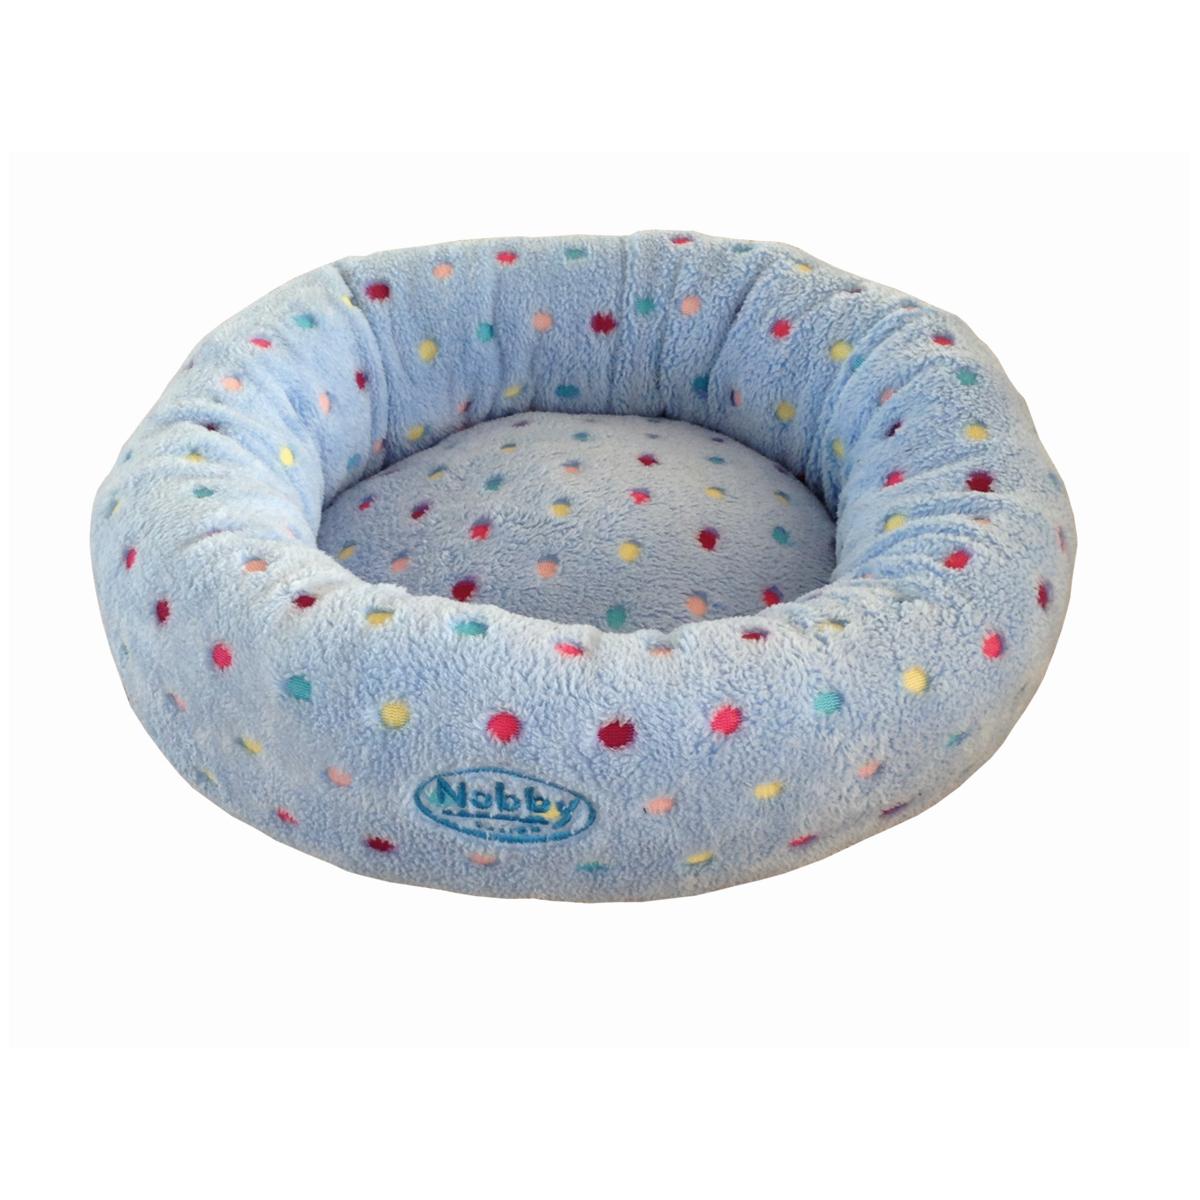 Productafbeelding voor 'Bed spot licht blauw'